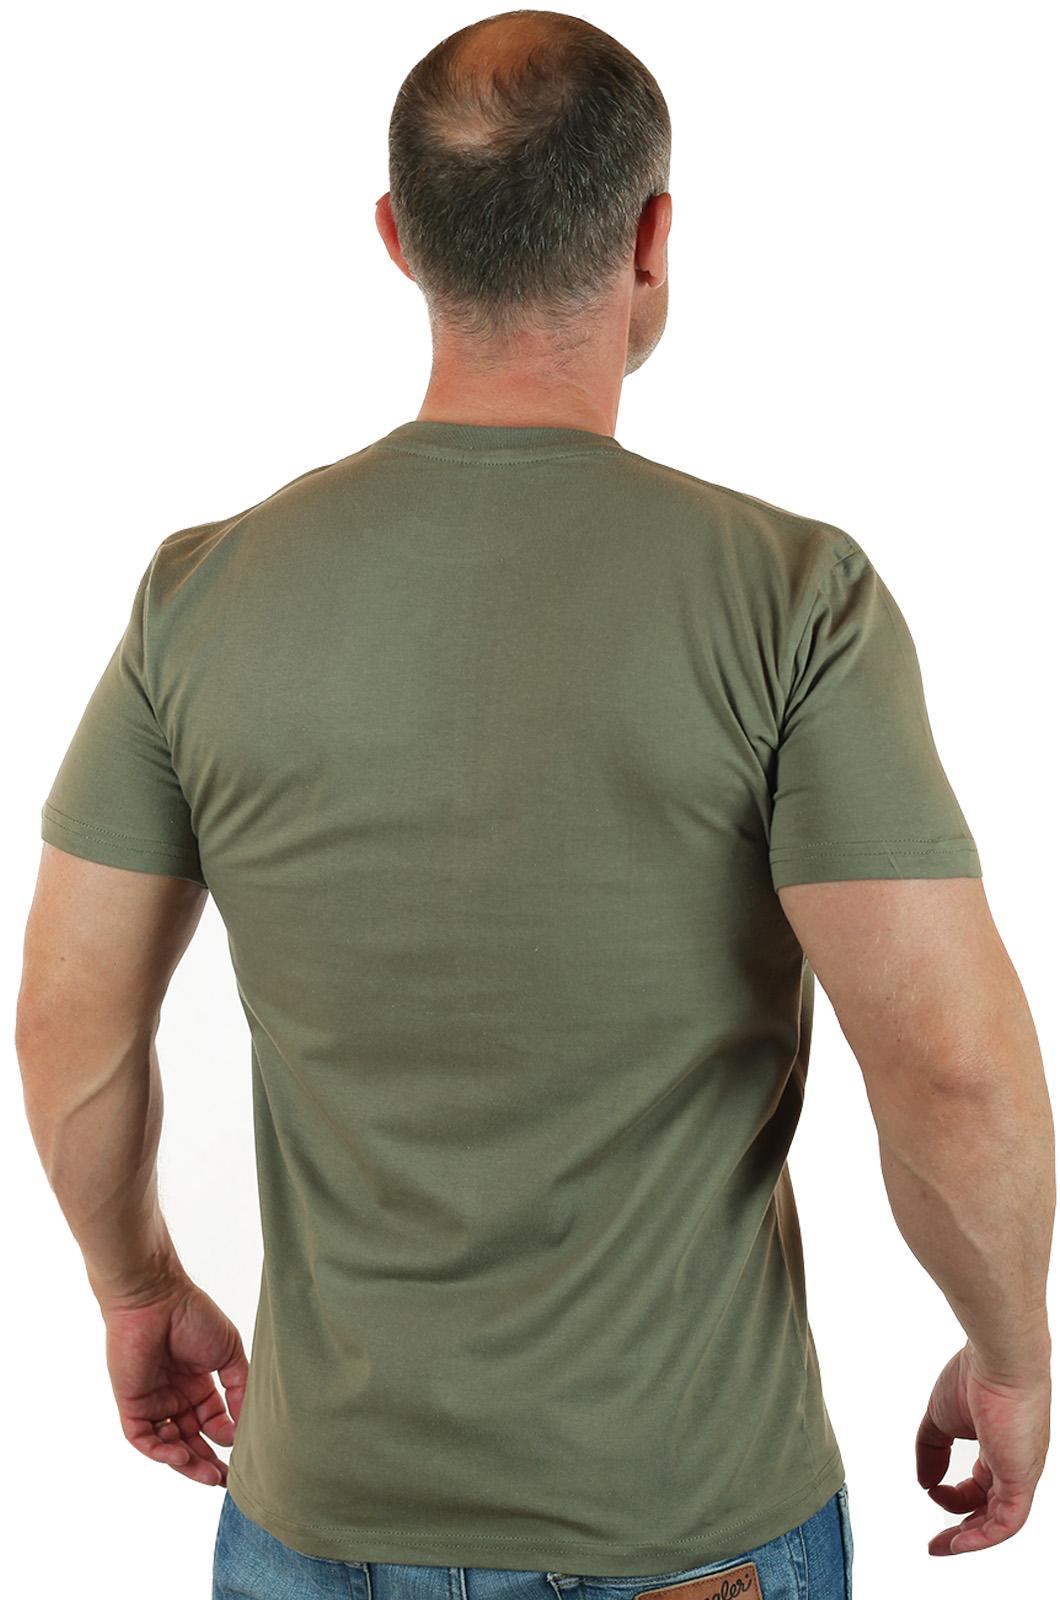 Мужская военная футболка РХБЗ по выгодной цене